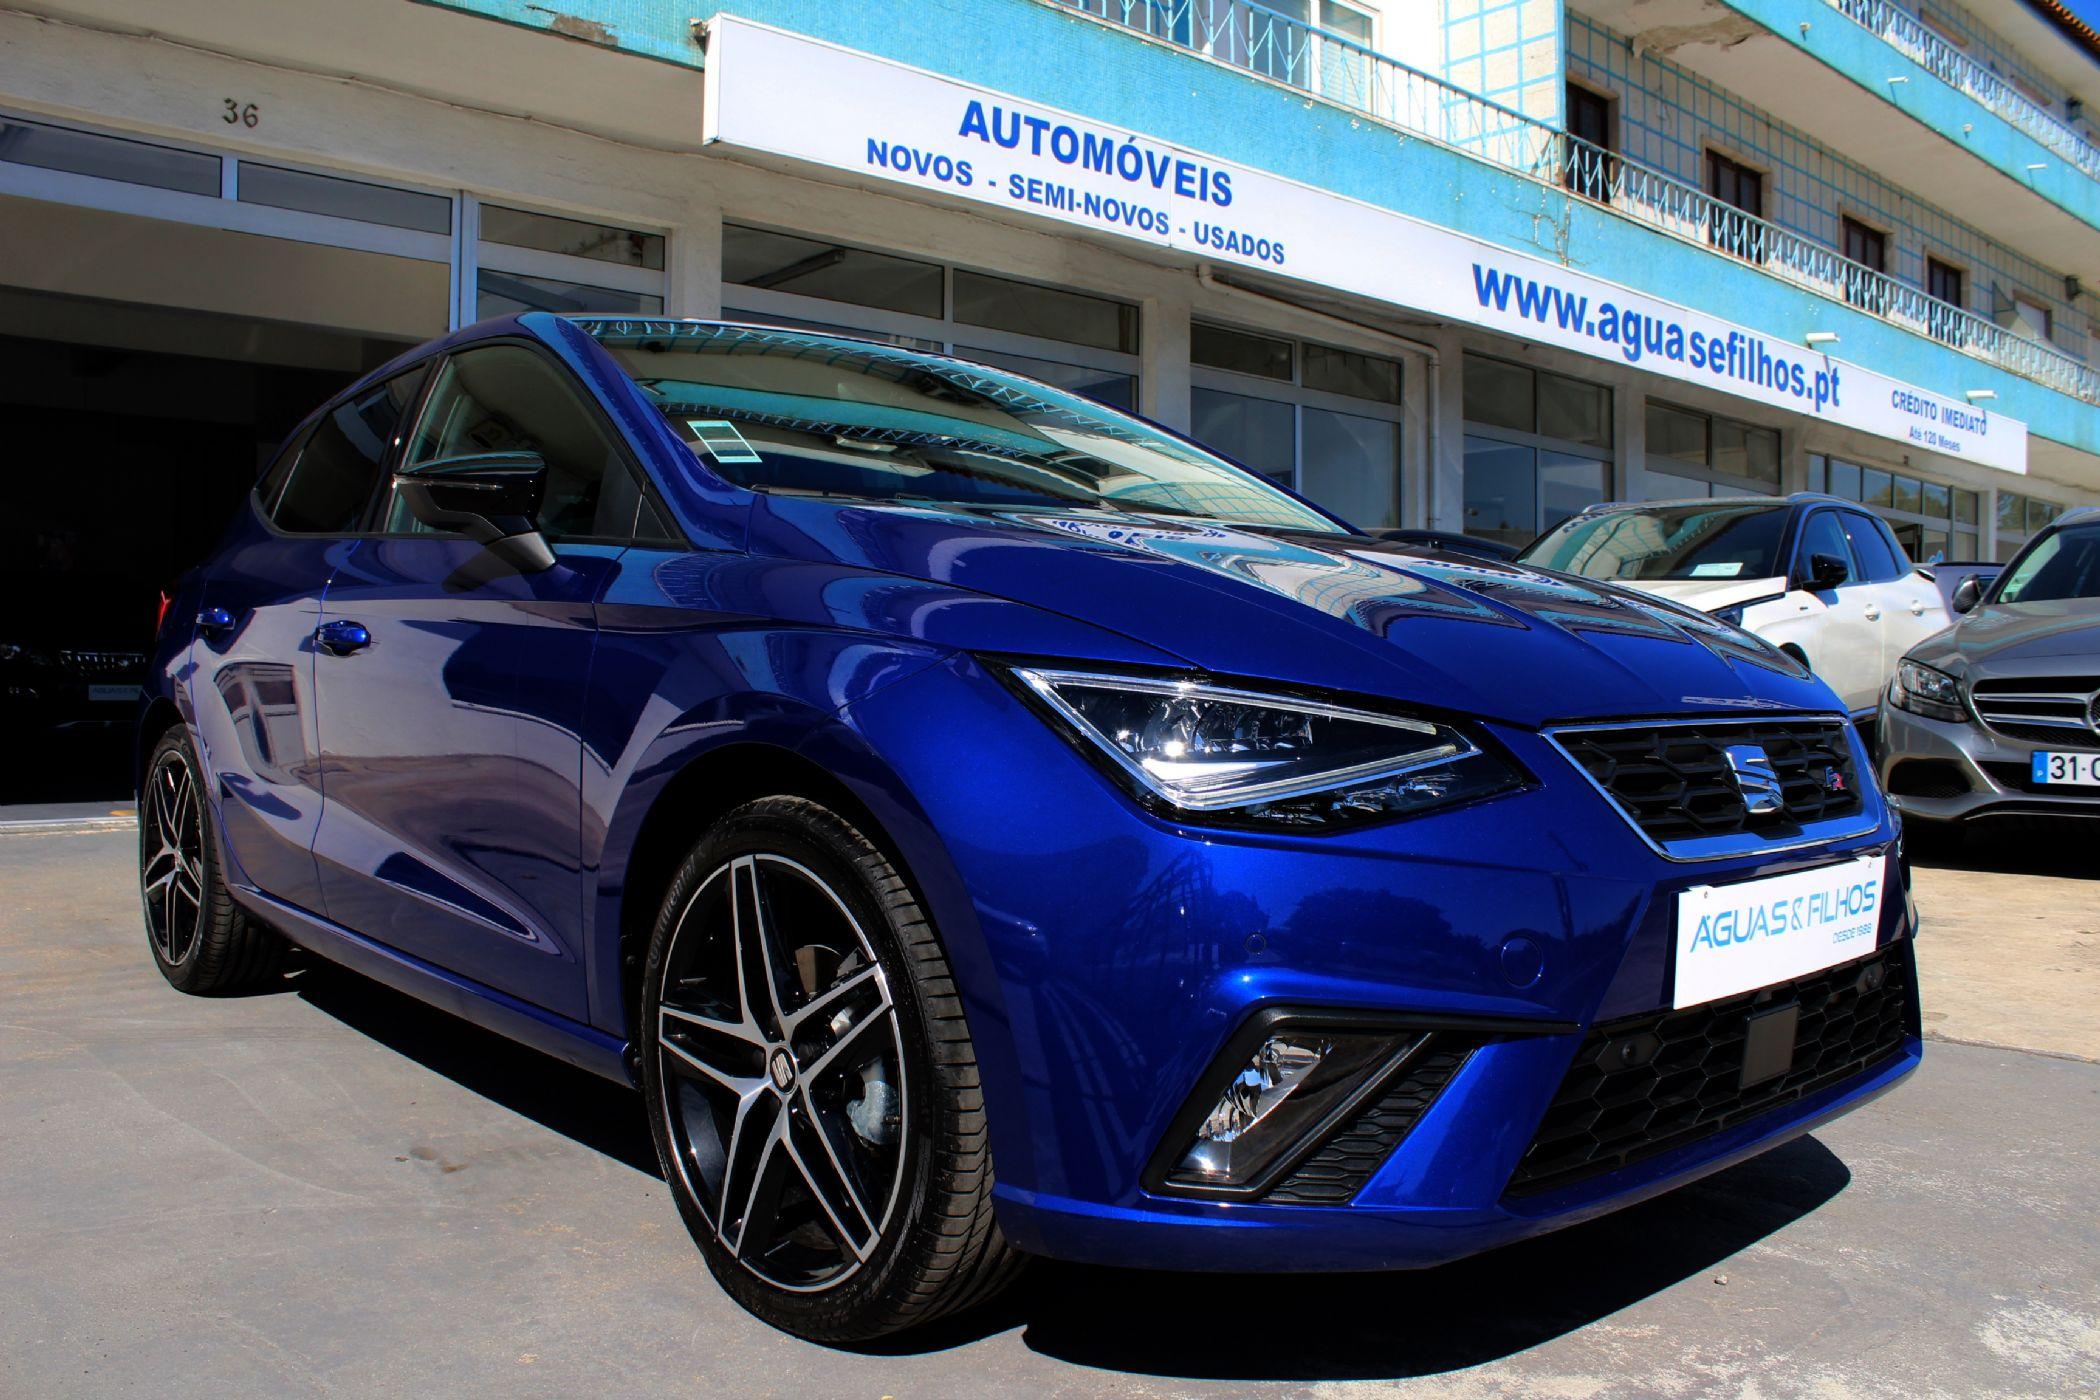 <b>Seat  Ibiza  </b>1.0 TSI FR 115CV -  FULL EXTRAS - GASOLINA (2019)